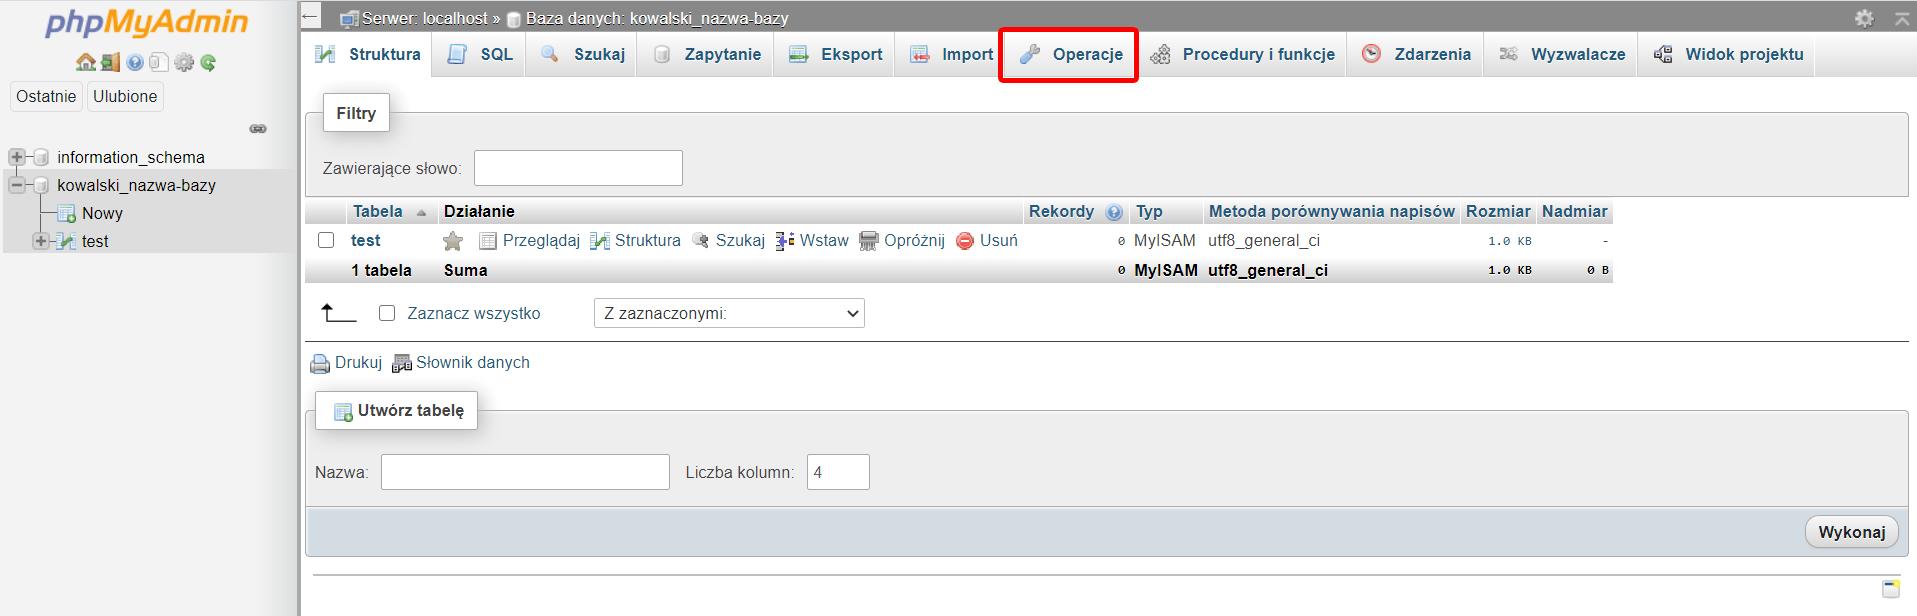 Kliknij zakładkę Operacje w phpmyadmin